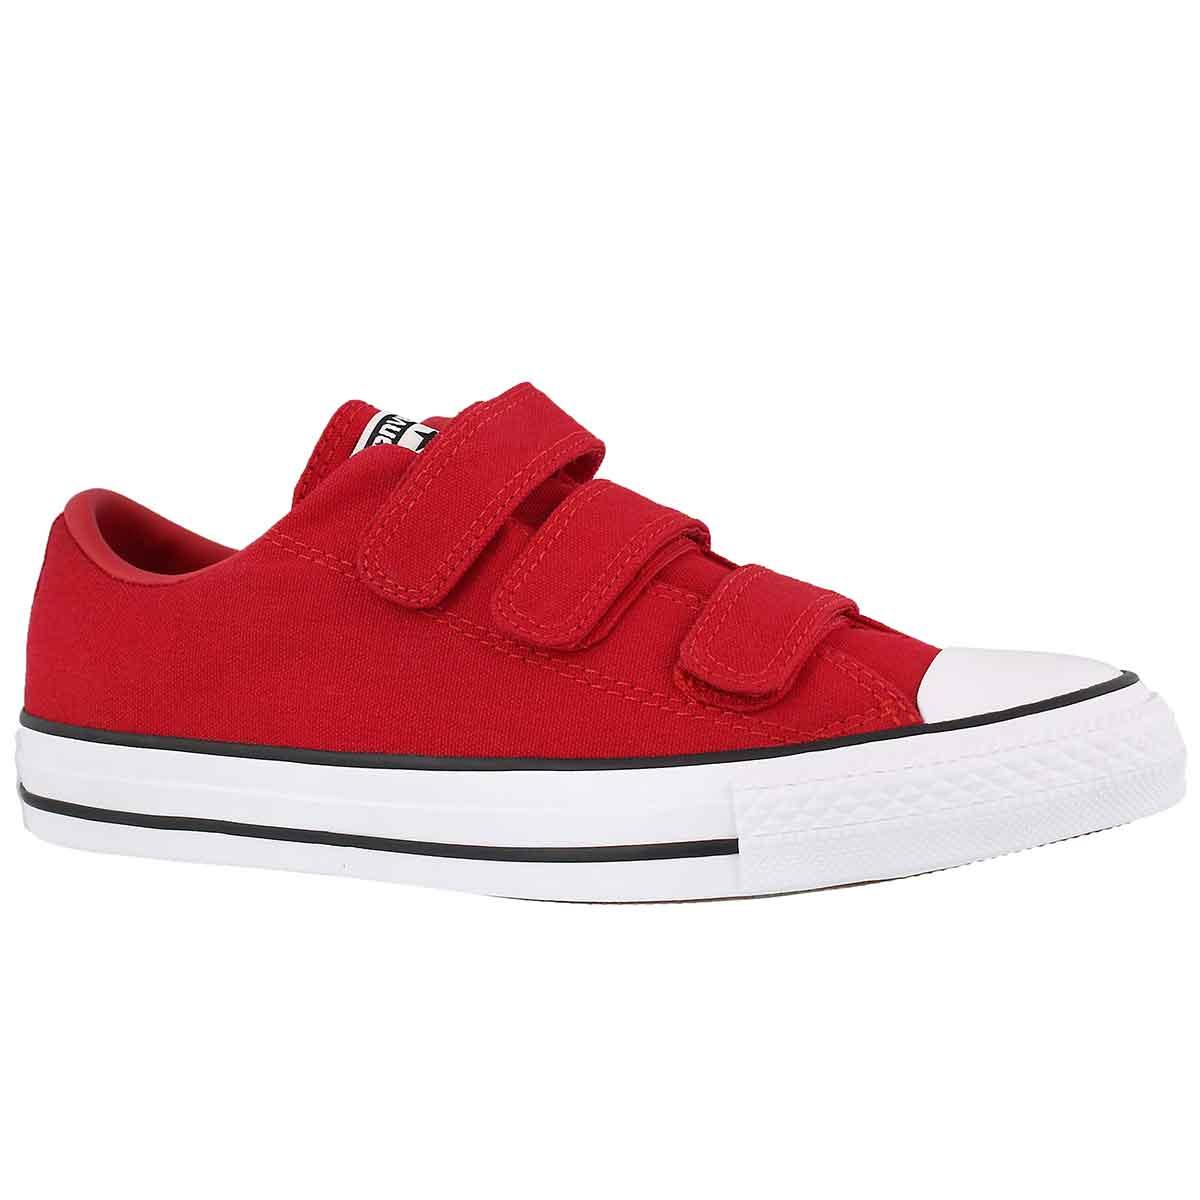 Women's CT ALL STAR 3V red hook & loop sneakers